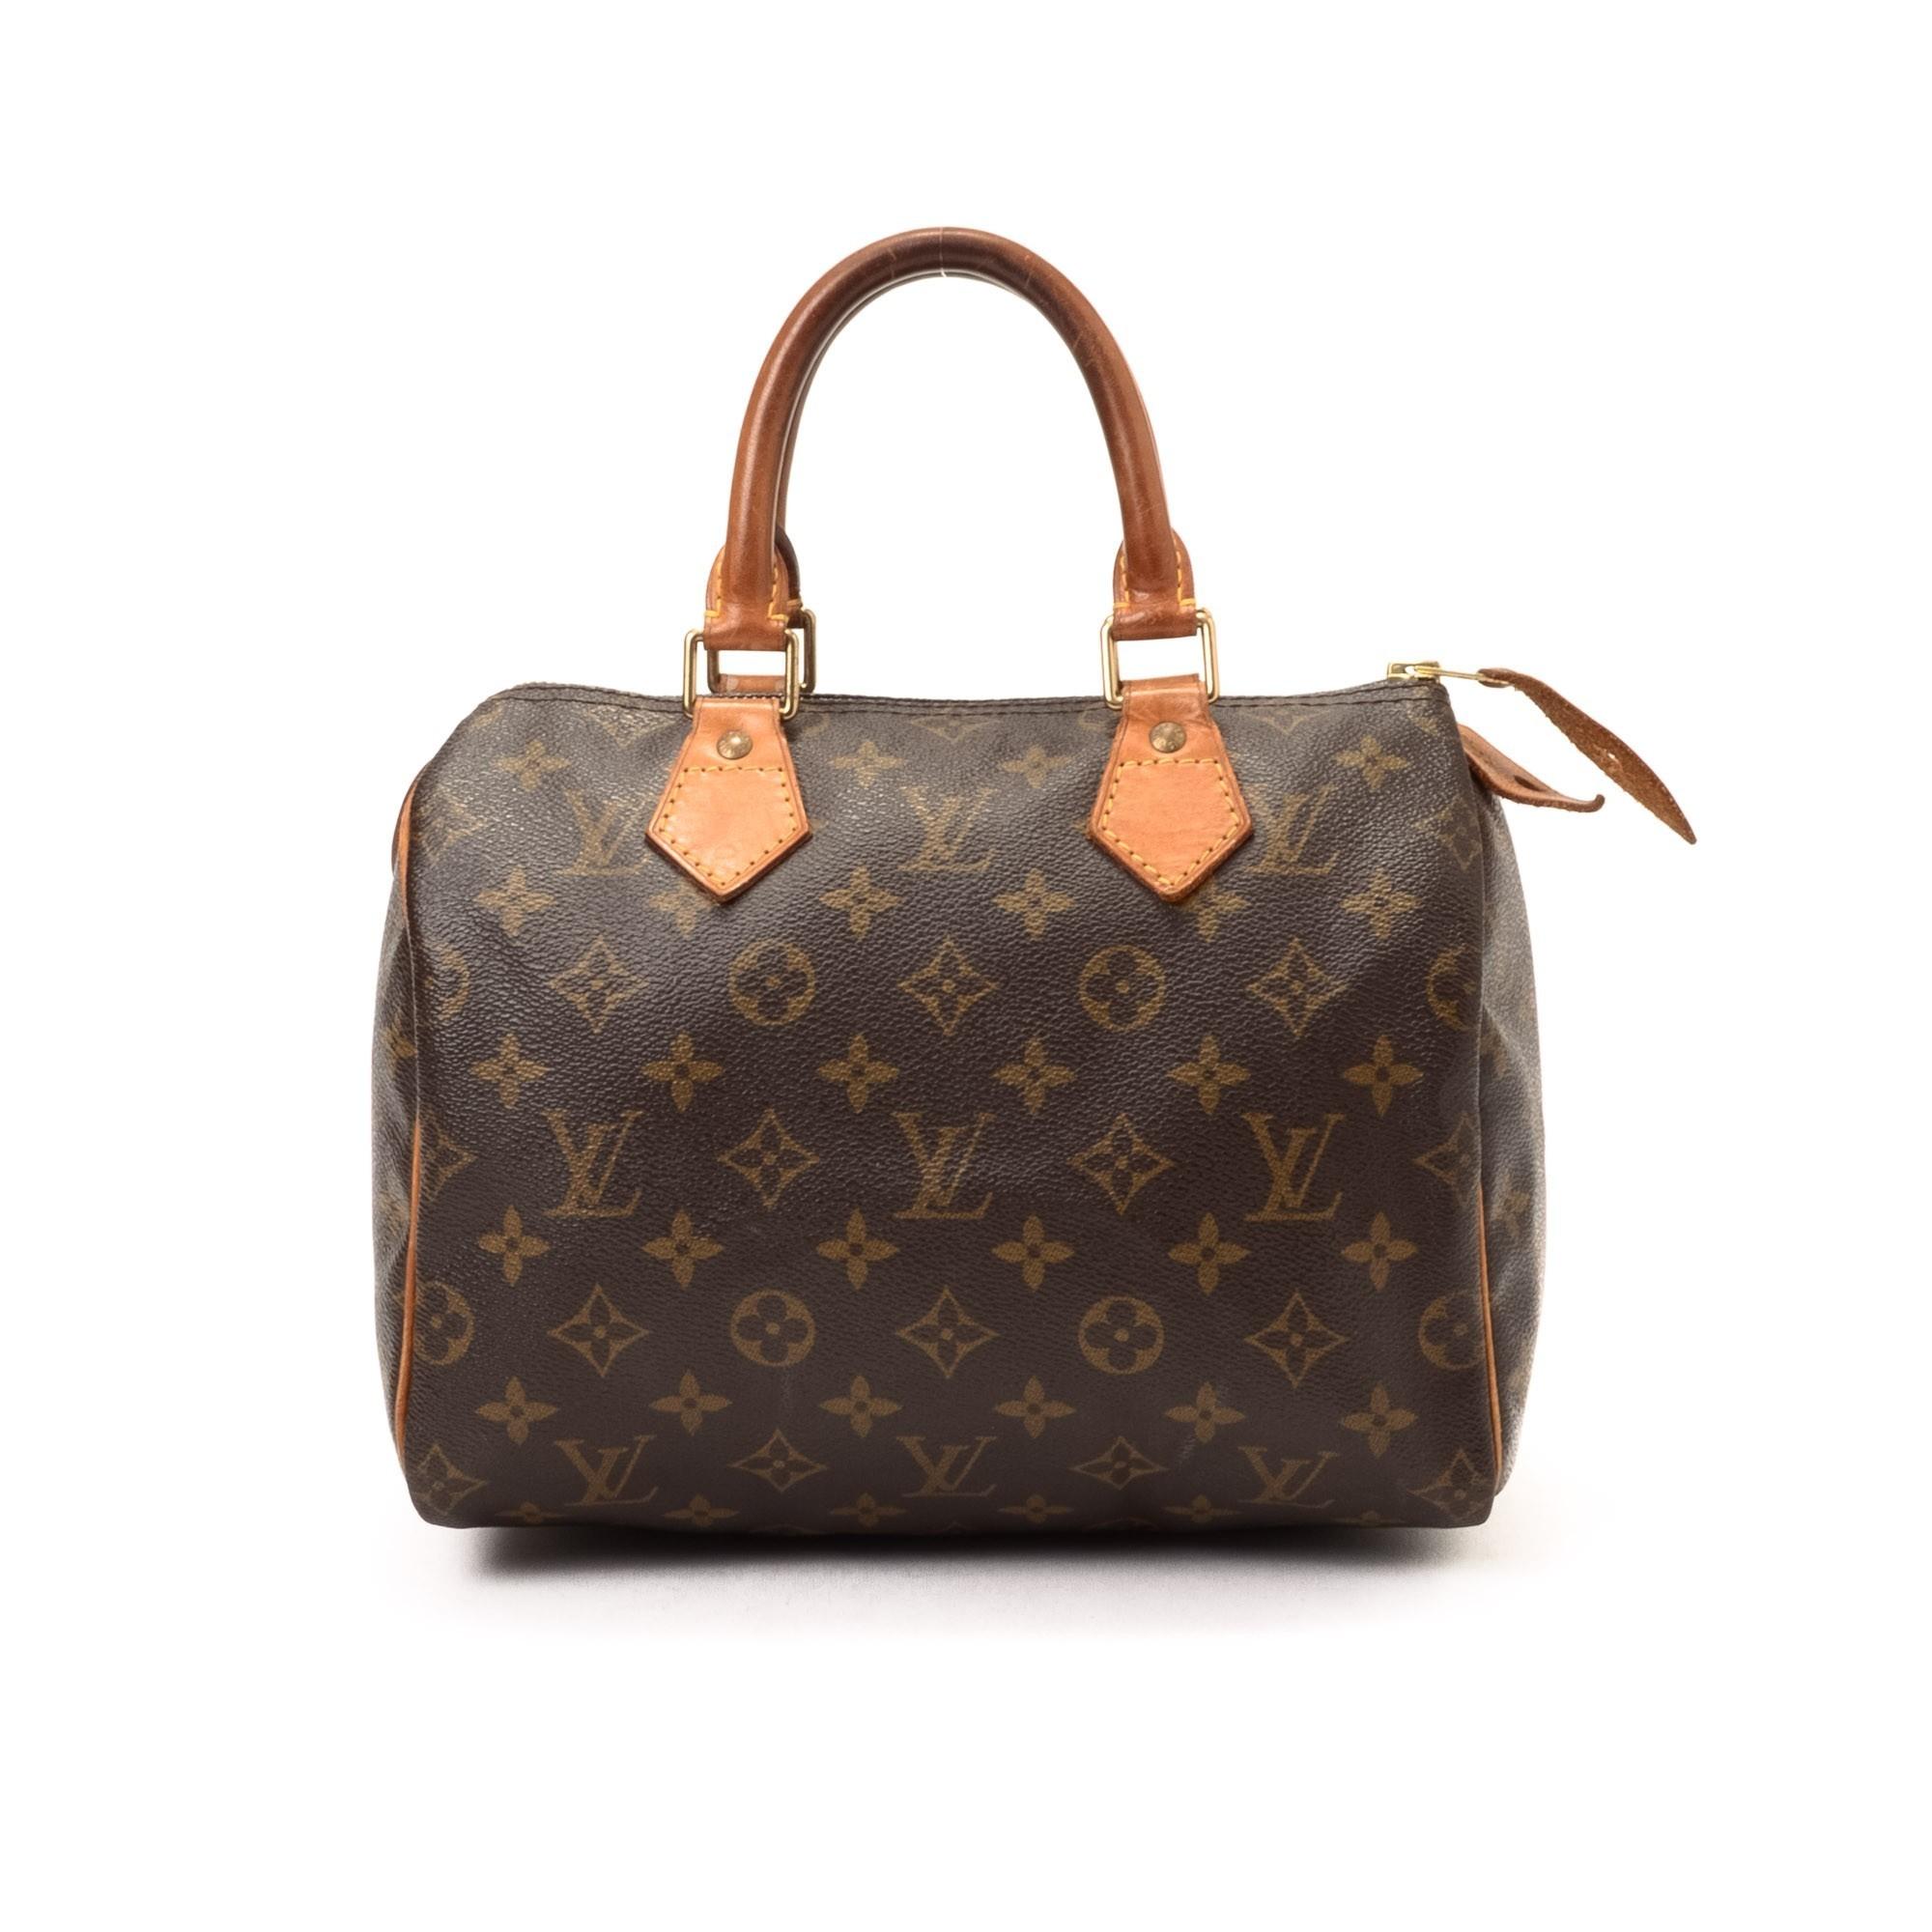 Луи витон сумки магазин киев